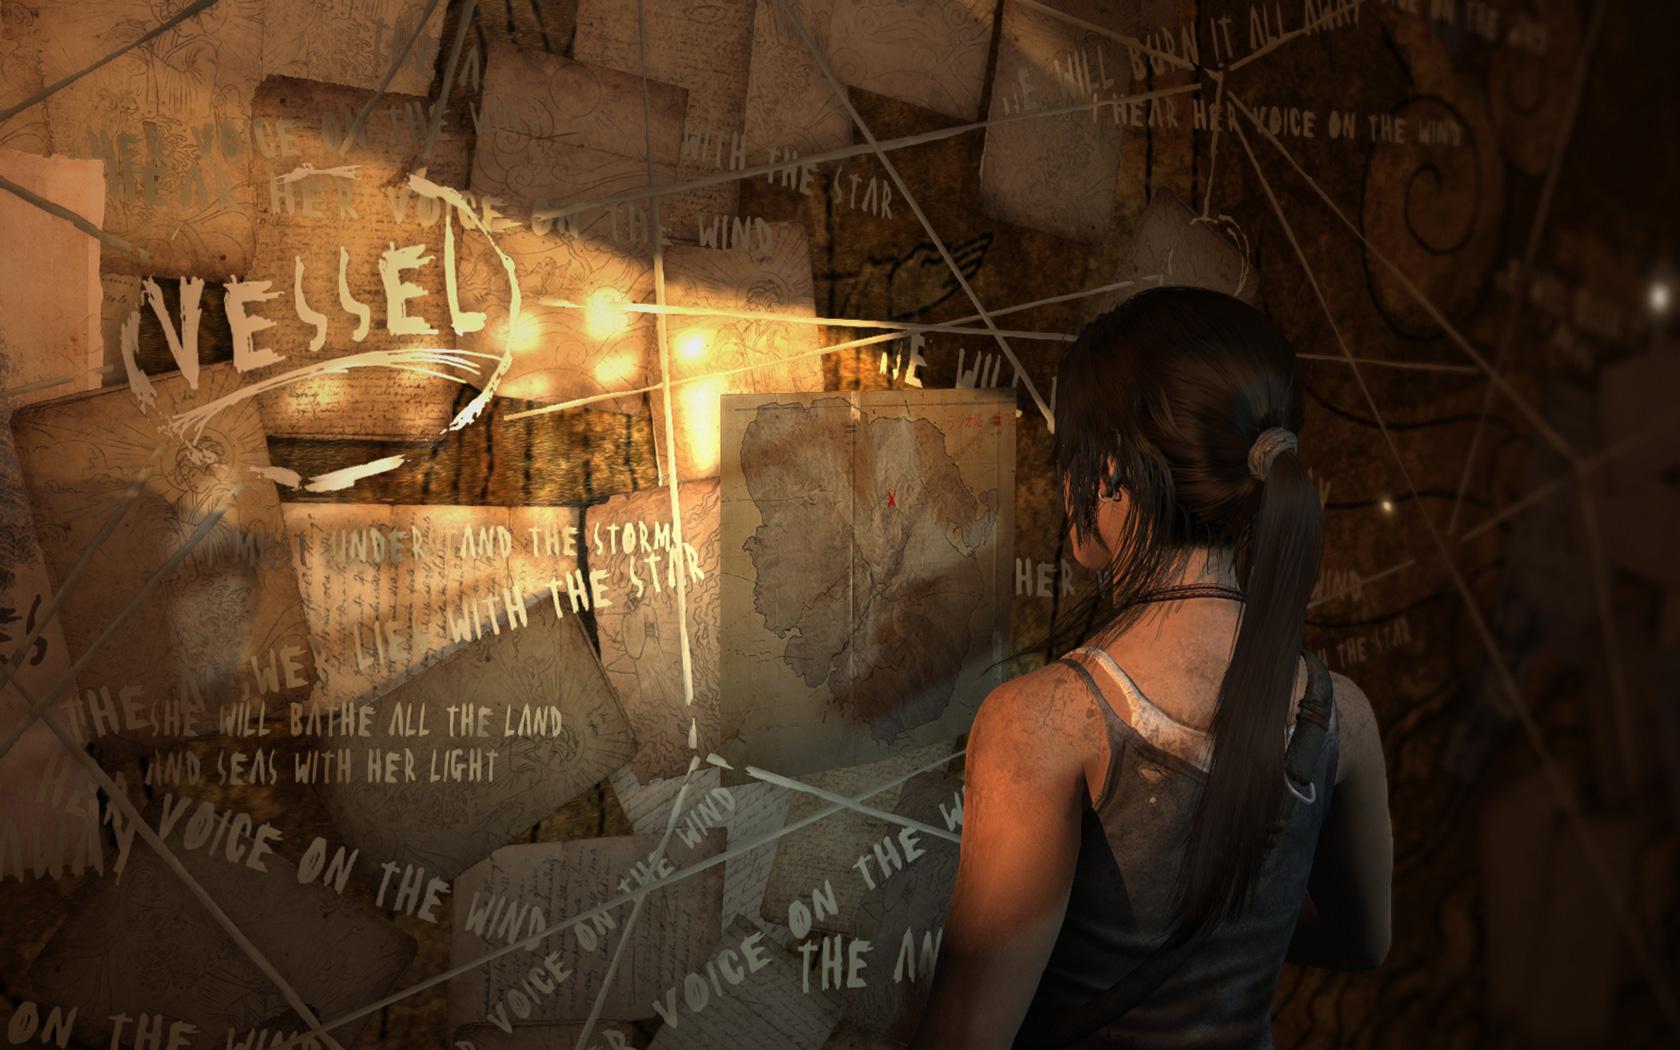 Tomb Raider Wallpaper in 1680x1050